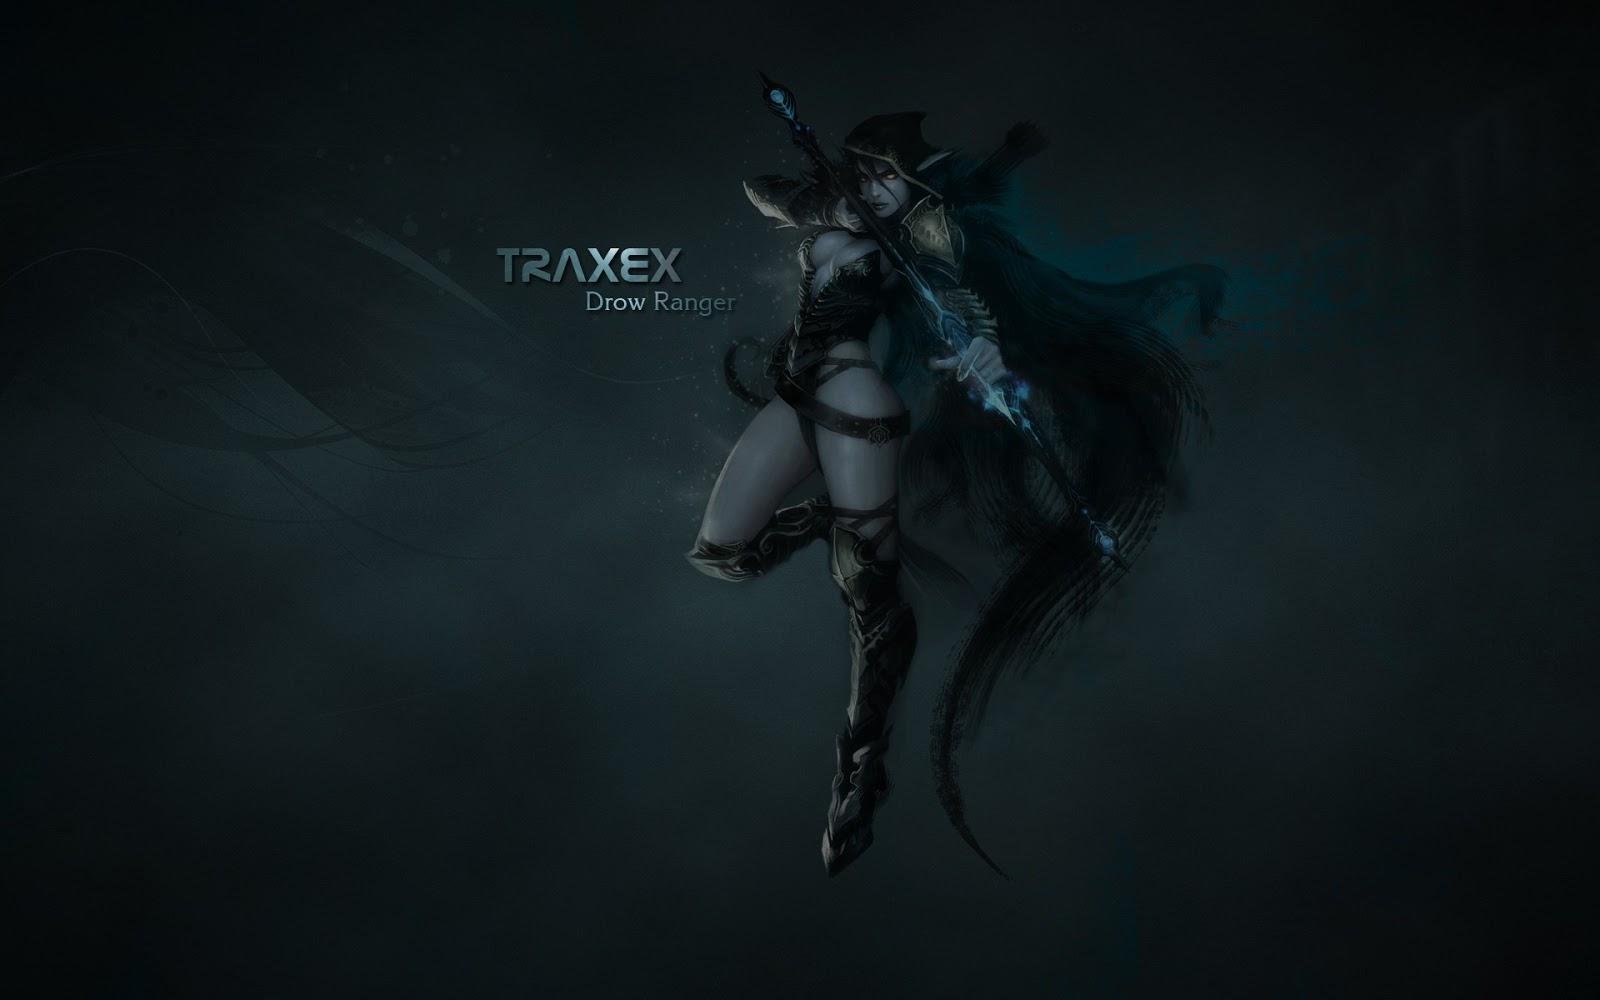 Dota2 : Drow Ranger Background